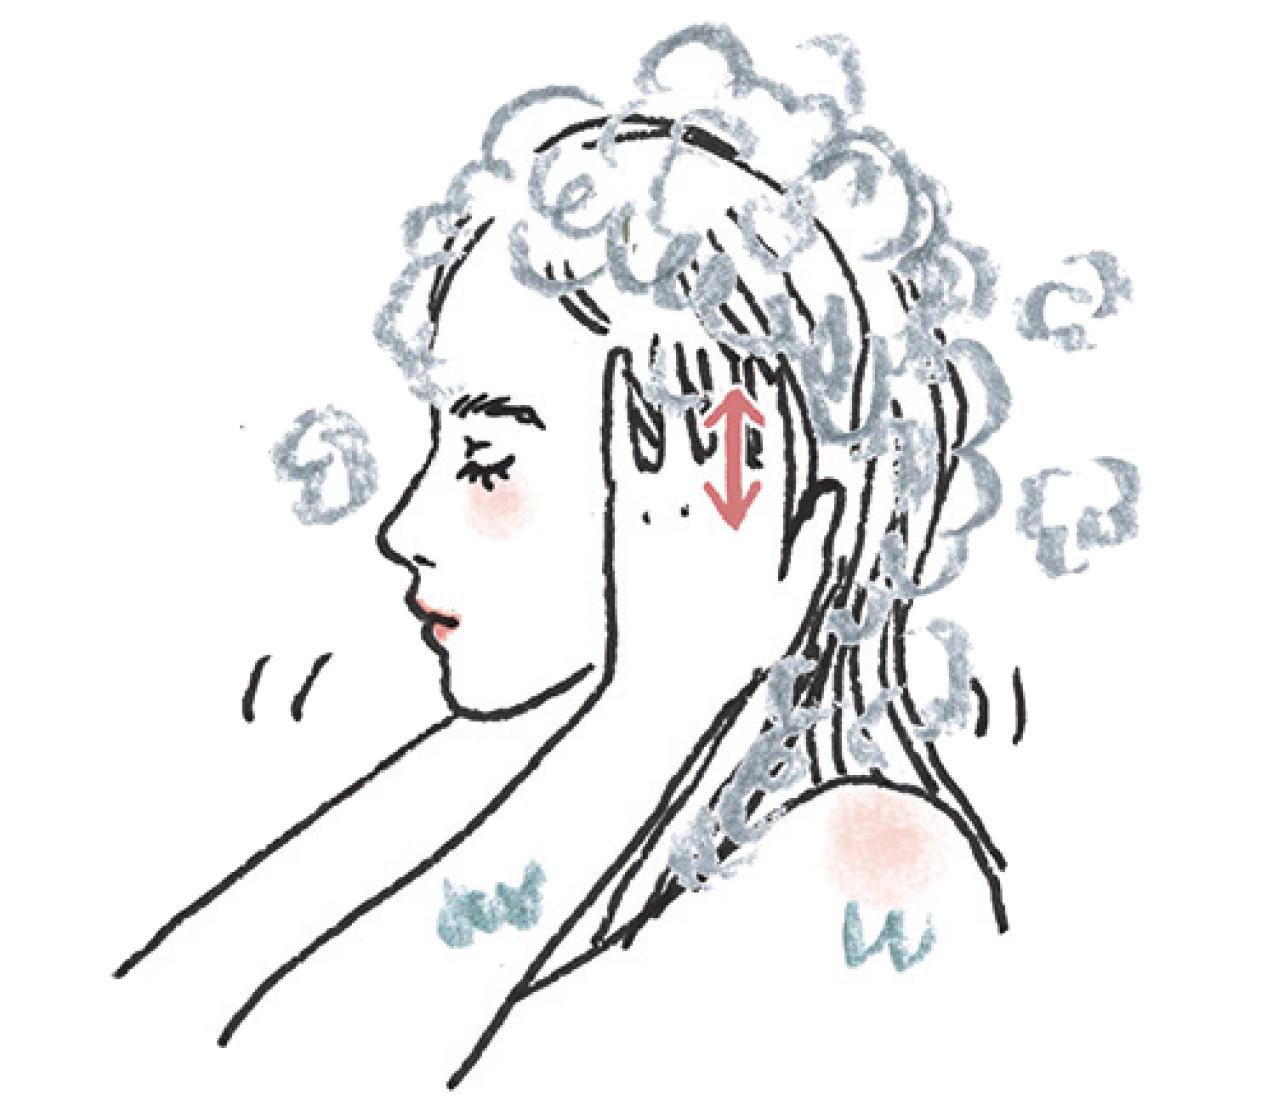 髪のツヤが遠ざかる、シャンプー時のNG行動10!【30代女性のツヤ髪ケア】